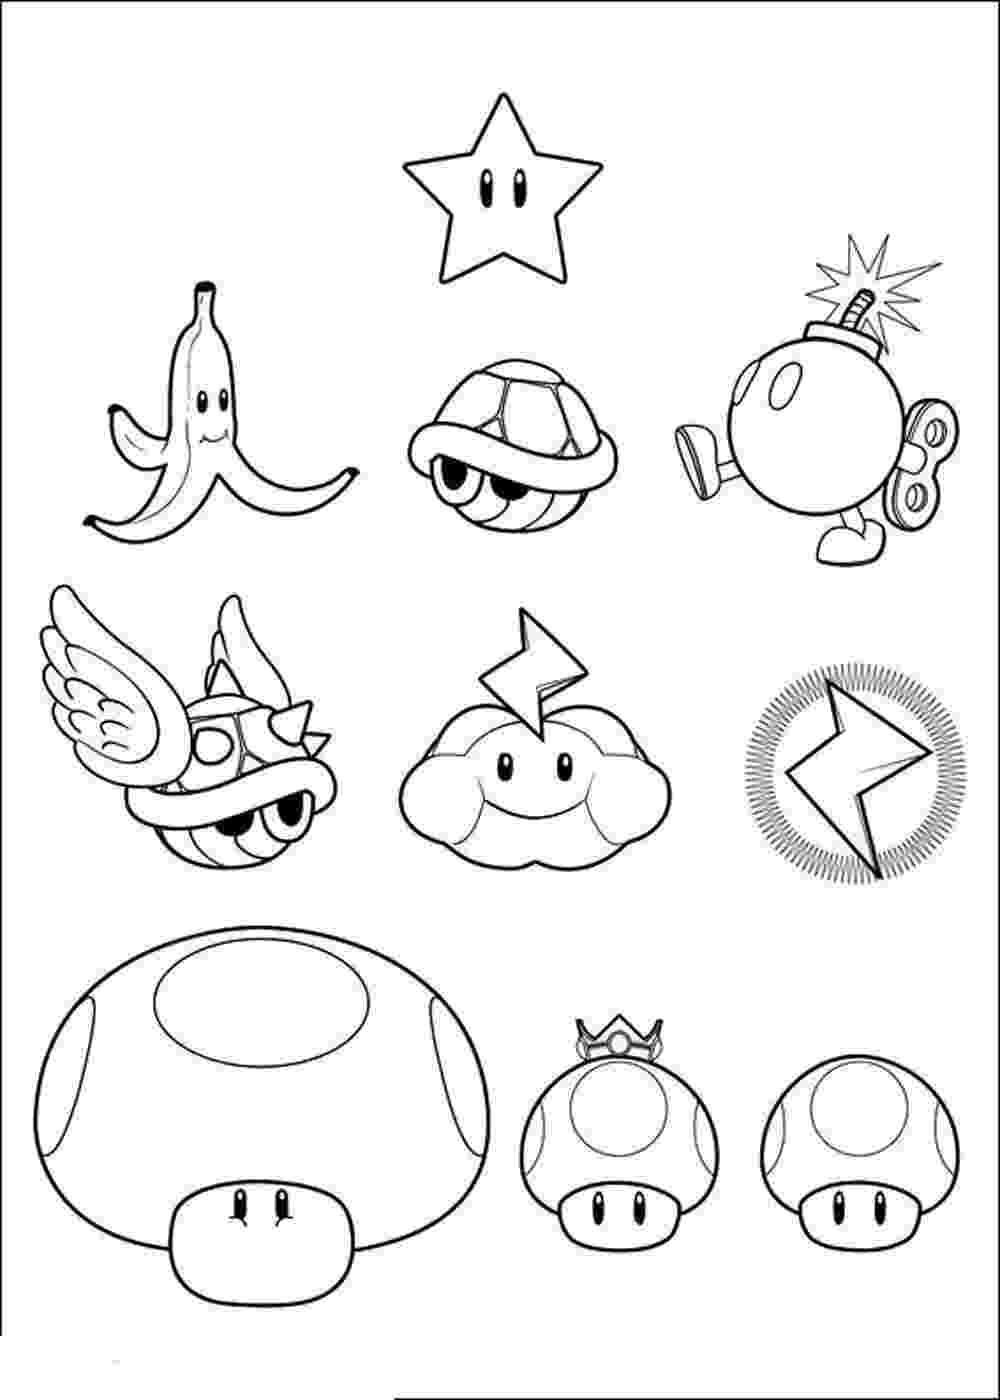 super mario bros coloring luigi and mario coloring page free printable coloring pages super mario coloring bros